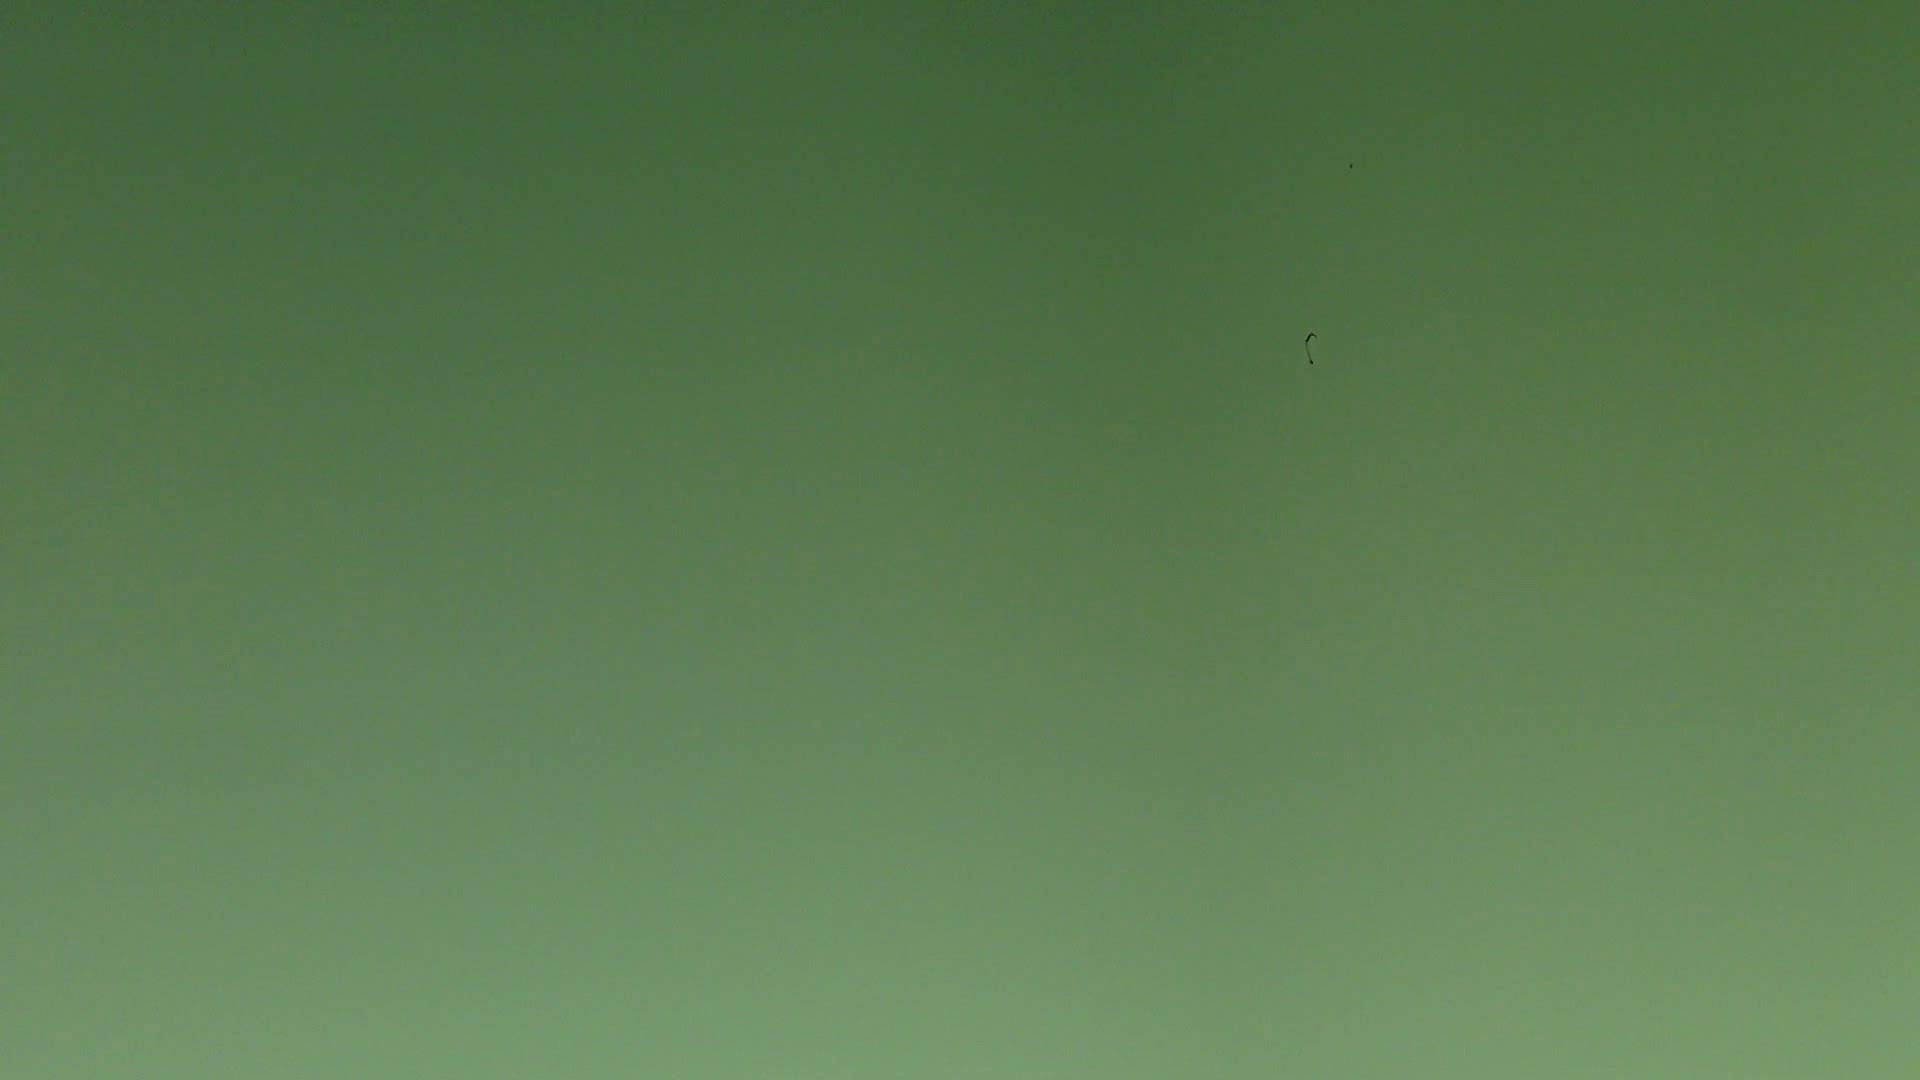 上級者の方専用 vol.03 盗撮特集 | おまんこ  107画像 29